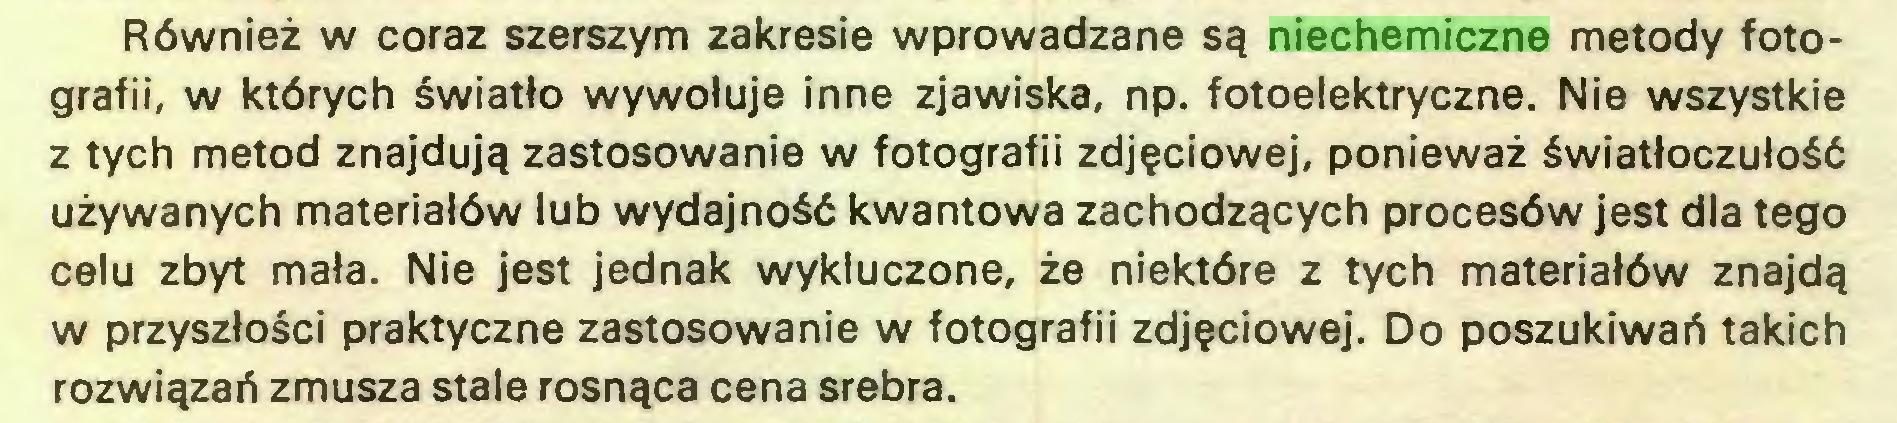 (...) Również w coraz szerszym zakresie wprowadzane są niechemiczne metody fotografii, w których światło wywołuje inne zjawiska, np. fotoelektryczne. Nie wszystkie z tych metod znajdują zastosowanie w fotografii zdjęciowej, ponieważ światłoczułość używanych materiałów lub wydajność kwantowa zachodzących procesów jest dla tego celu zbyt mała. Nie jest jednak wykluczone, że niektóre z tych materiałów znajdą w przyszłości praktyczne zastosowanie w fotografii zdjęciowej. Do poszukiwań takich rozwiązań zmusza stale rosnąca cena srebra...